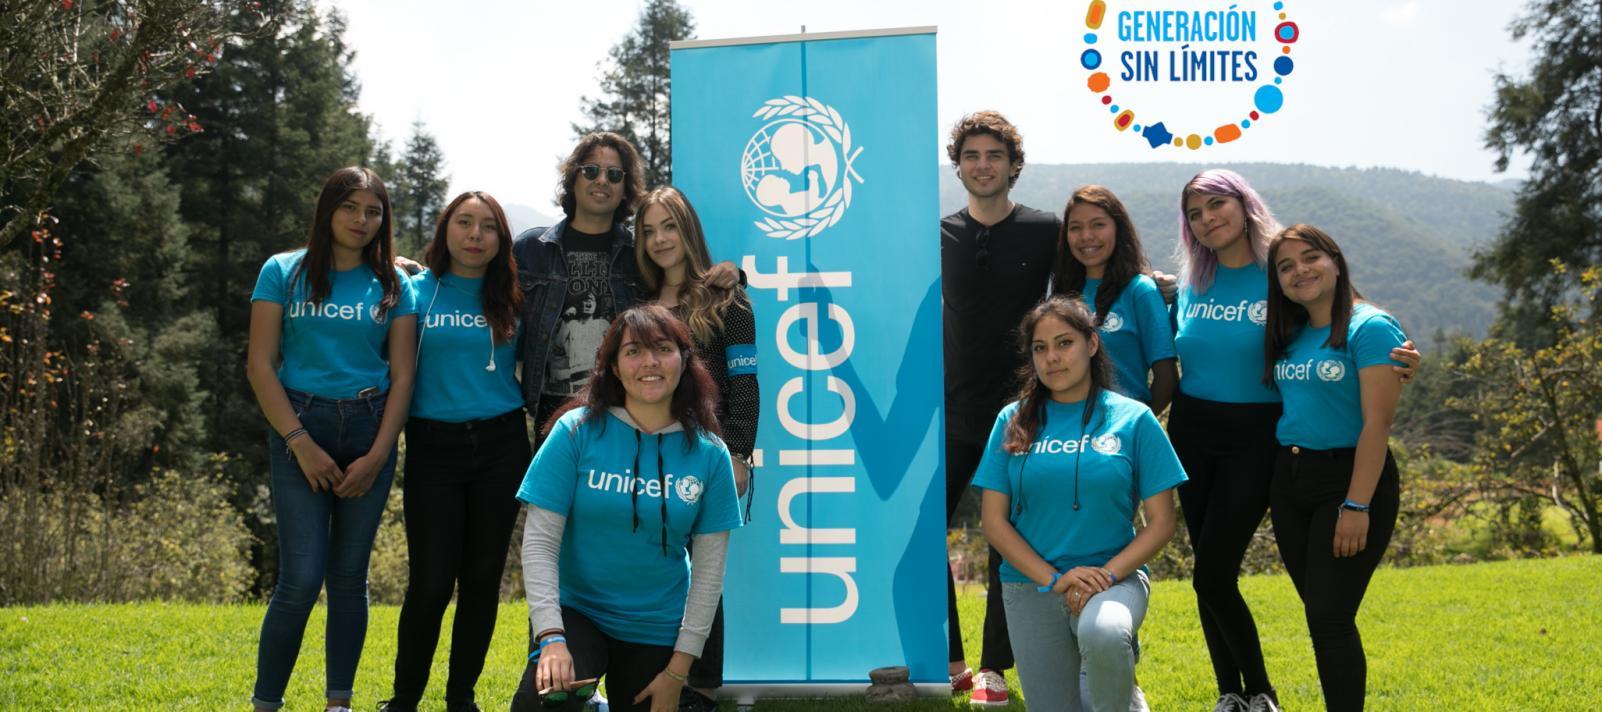 Generación sin Límites. Proyecto para UNICEF-México